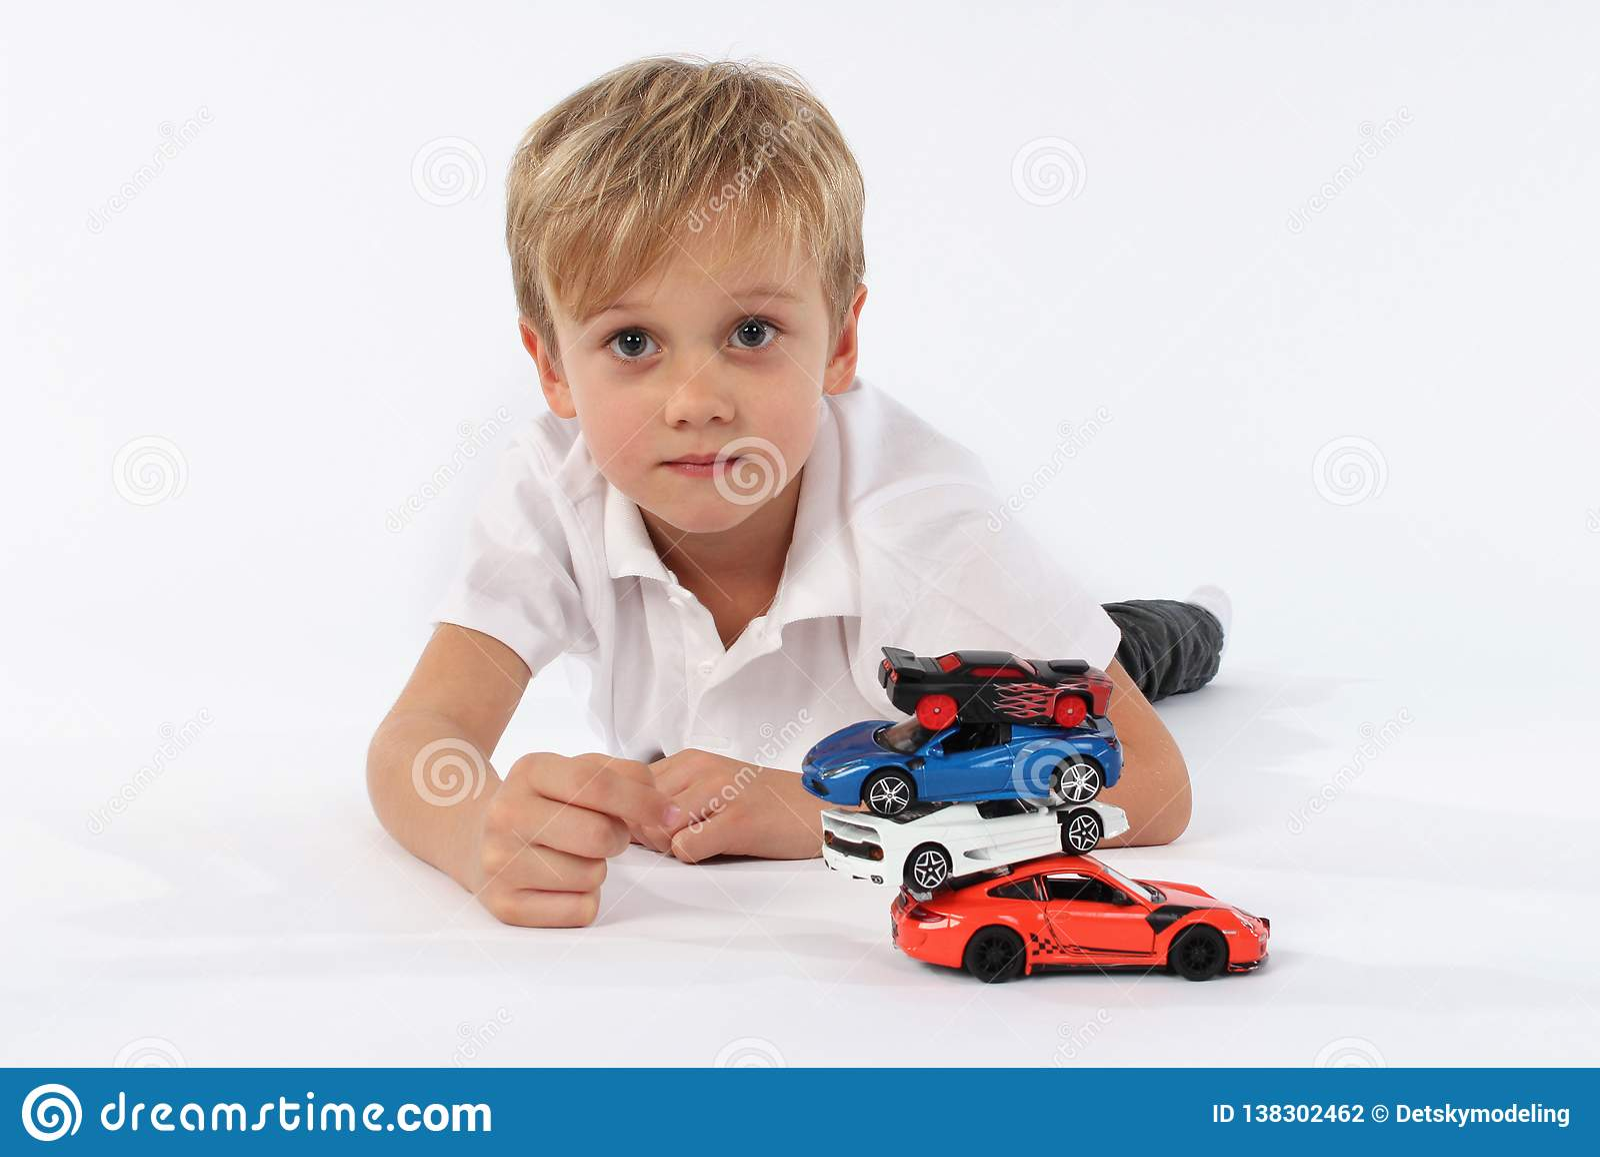 Славный смотрящ очень молодого мальчика лежа с кучей игрушек автомобиля и имея задушевную нейтраль и гордый взгляд в его стороне